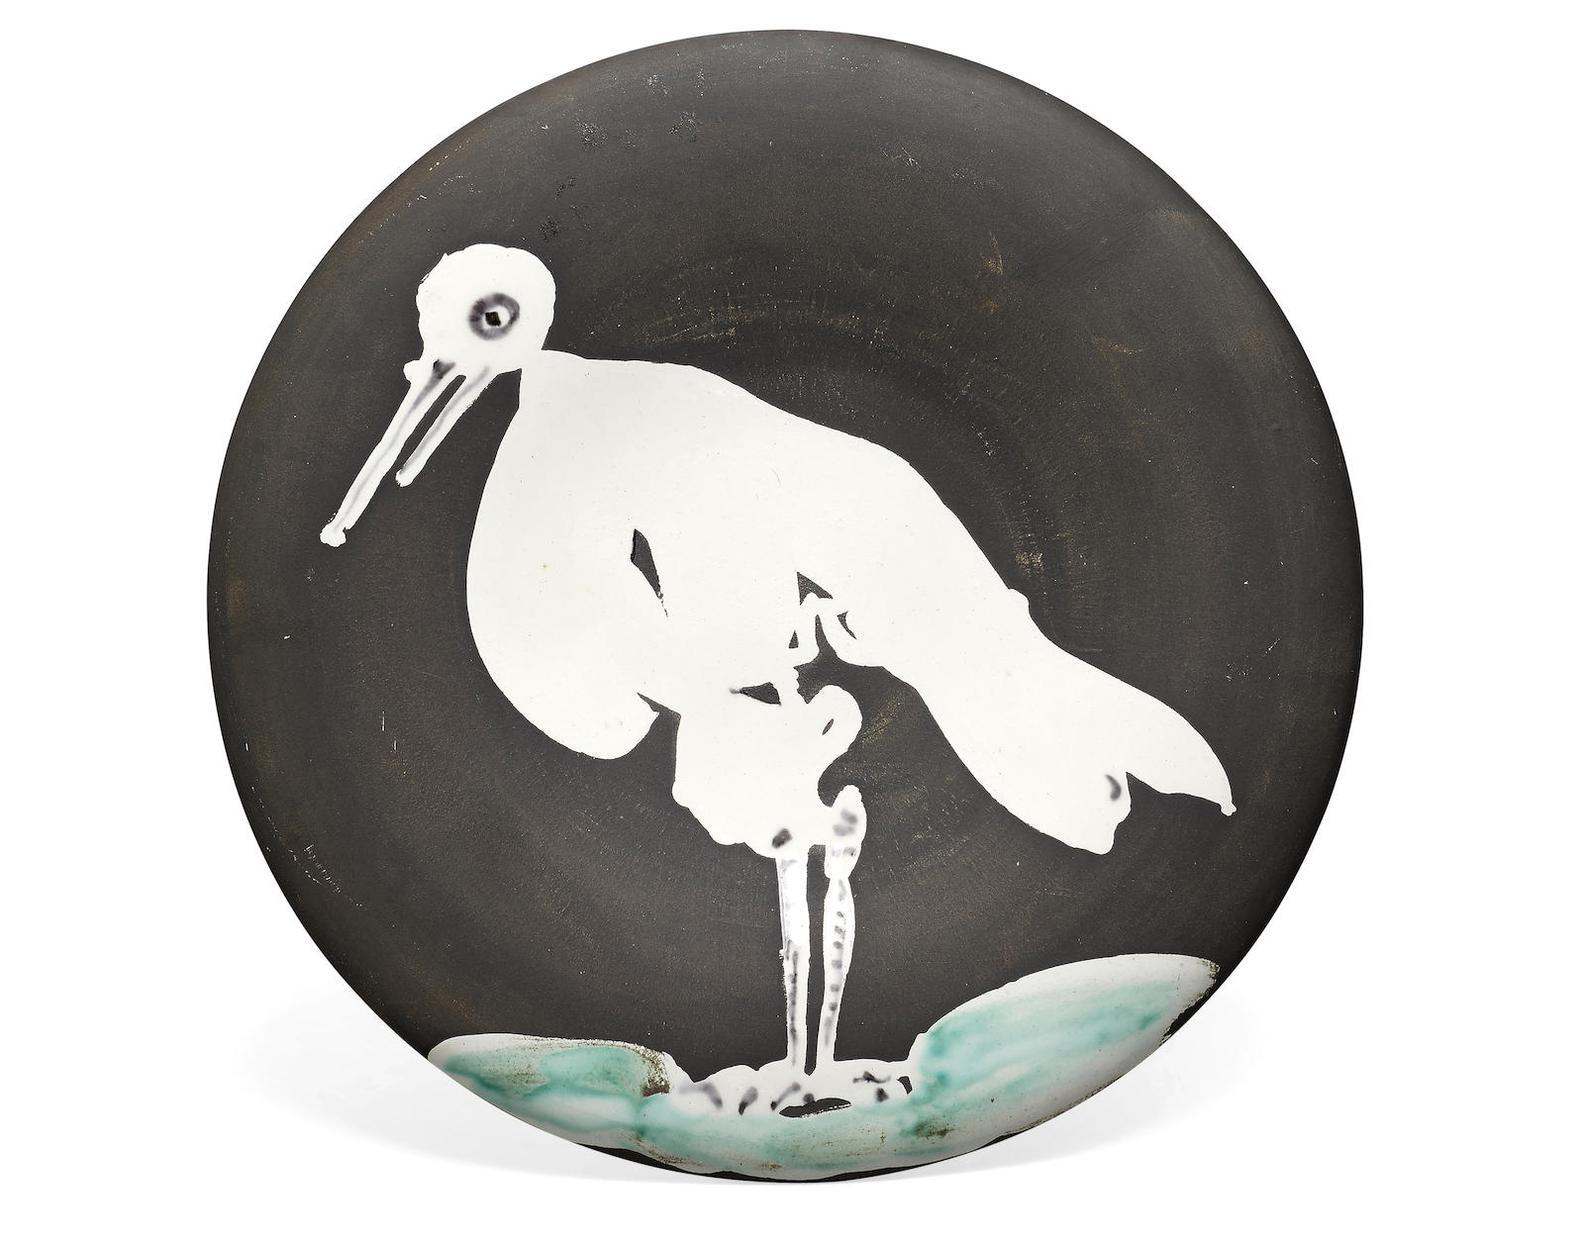 Pablo Picasso-Oiseau No.83 (R. 483)-1963